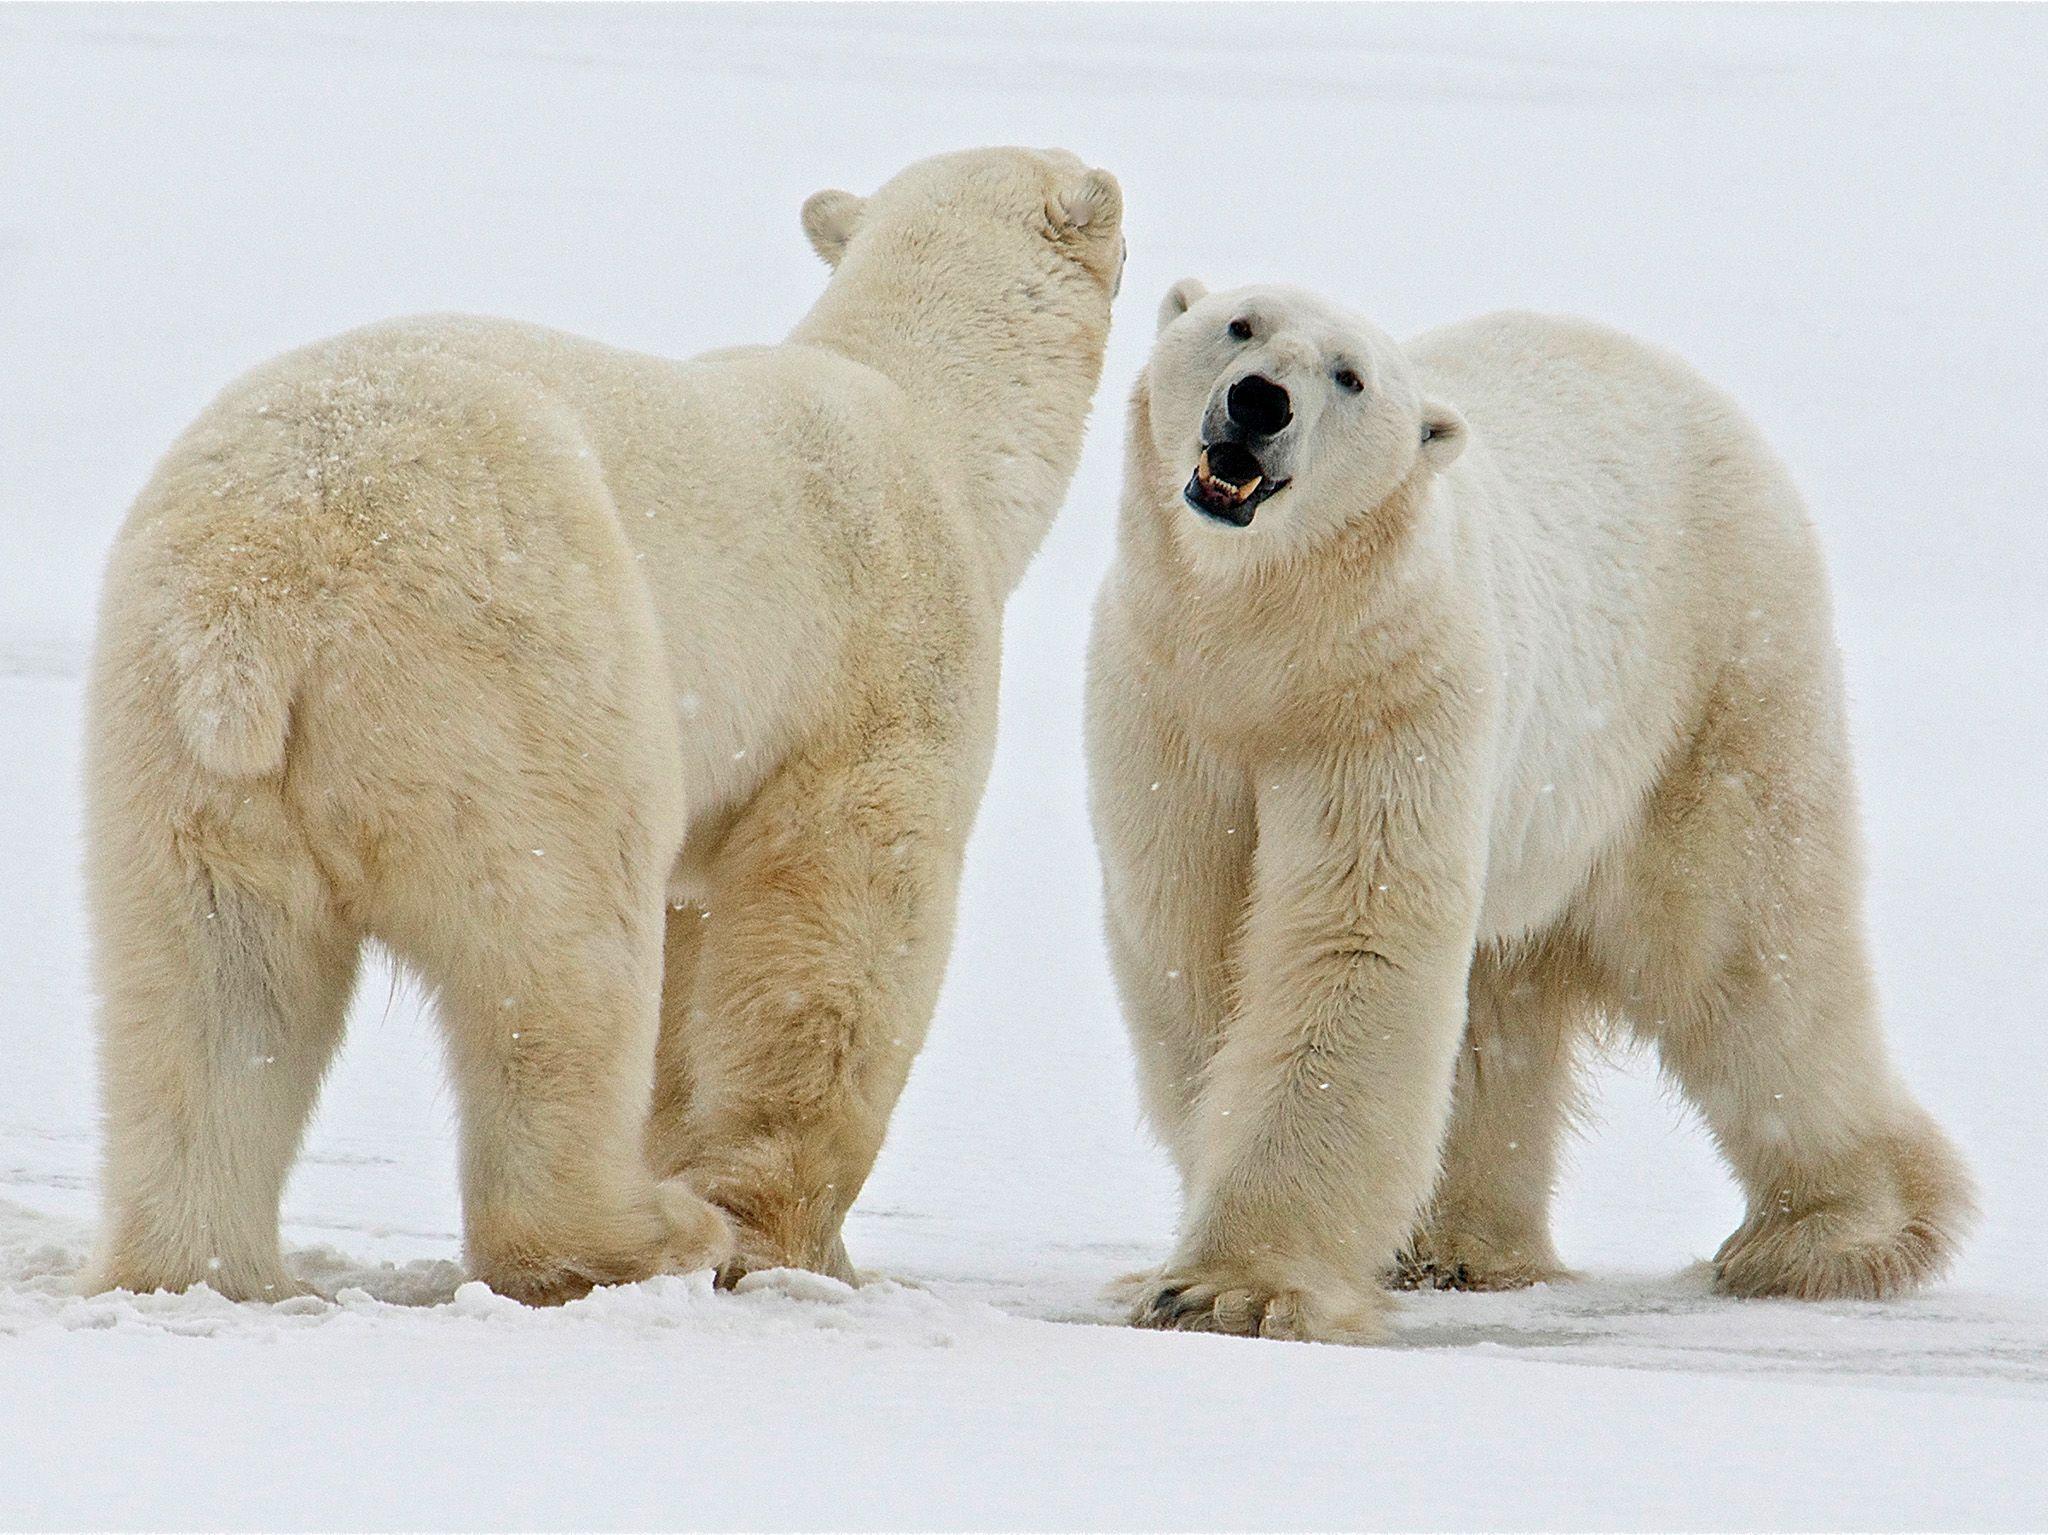 لقاء اثنين من الدببة القطبية وترحيبهما ببعضهما. هذه... [Photo of the day - فبراير 2021]